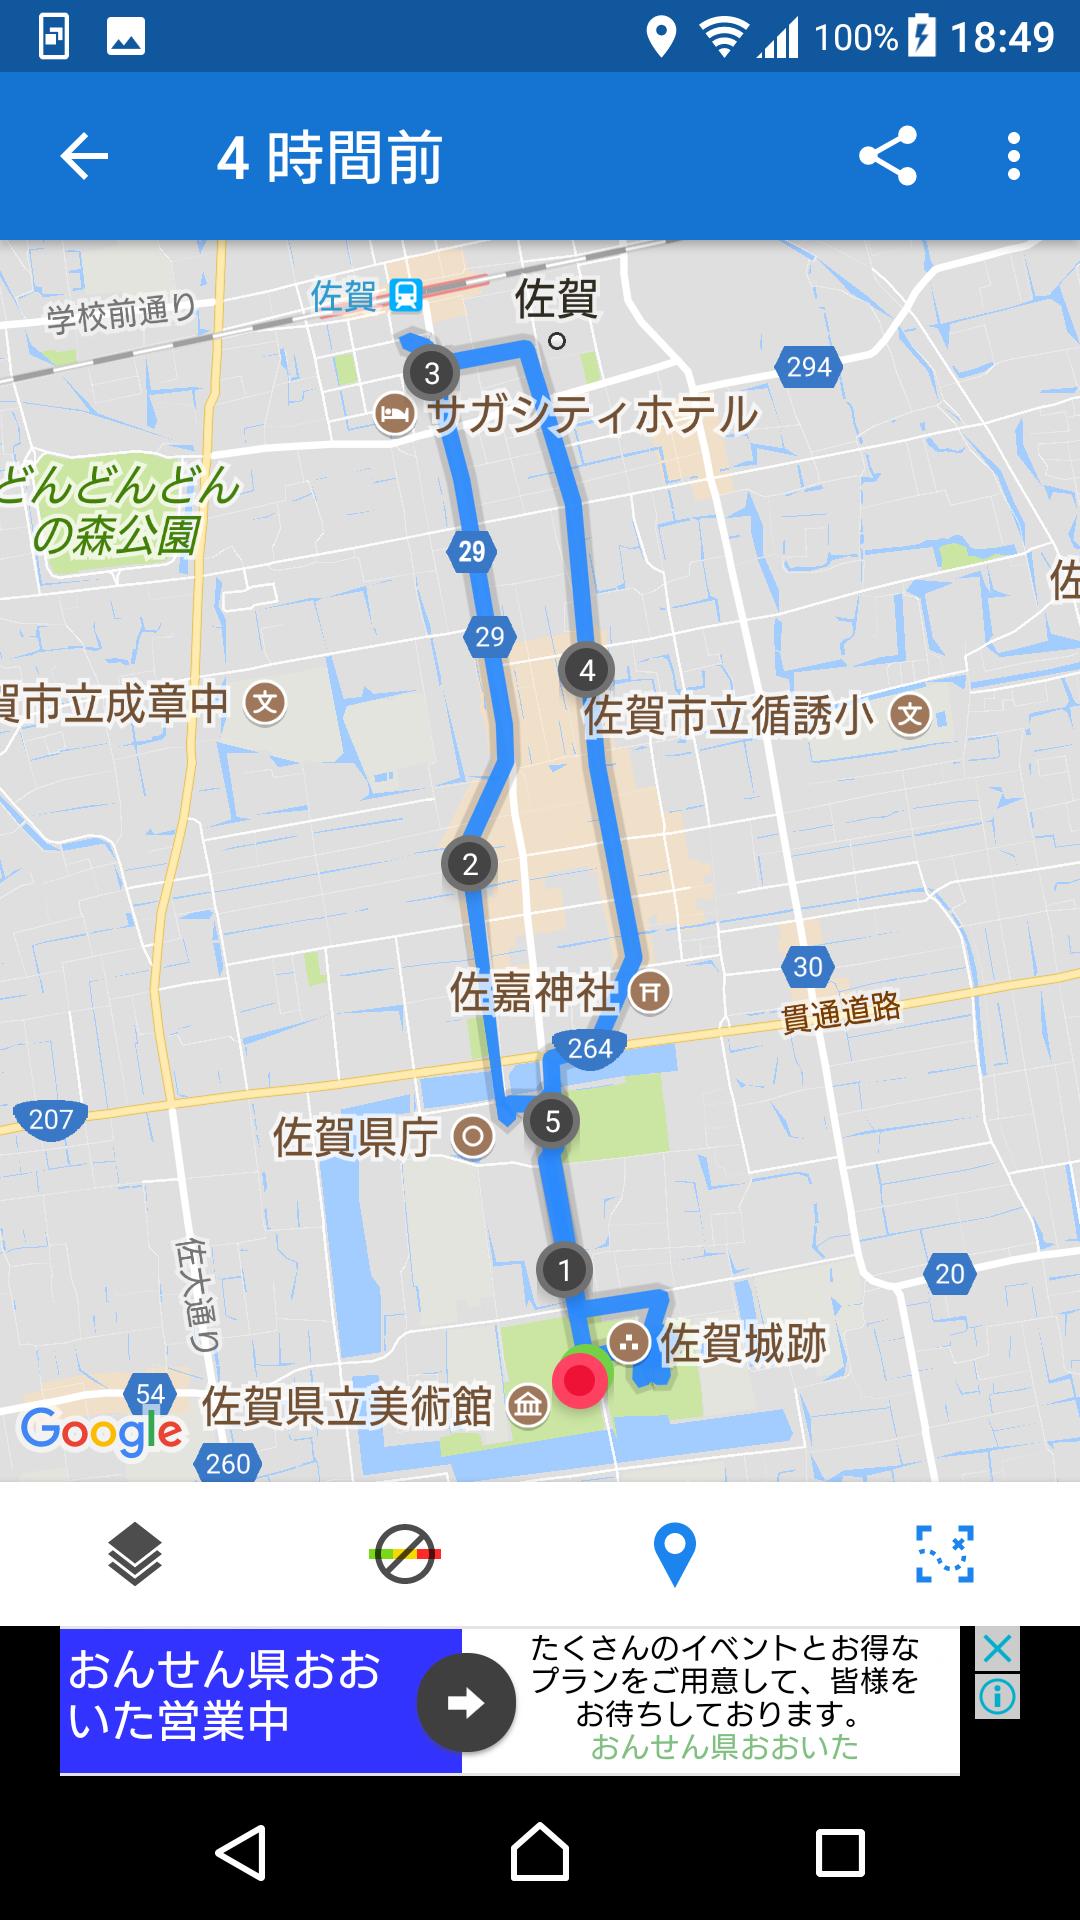 f:id:ynakayama27:20170830203535p:plain